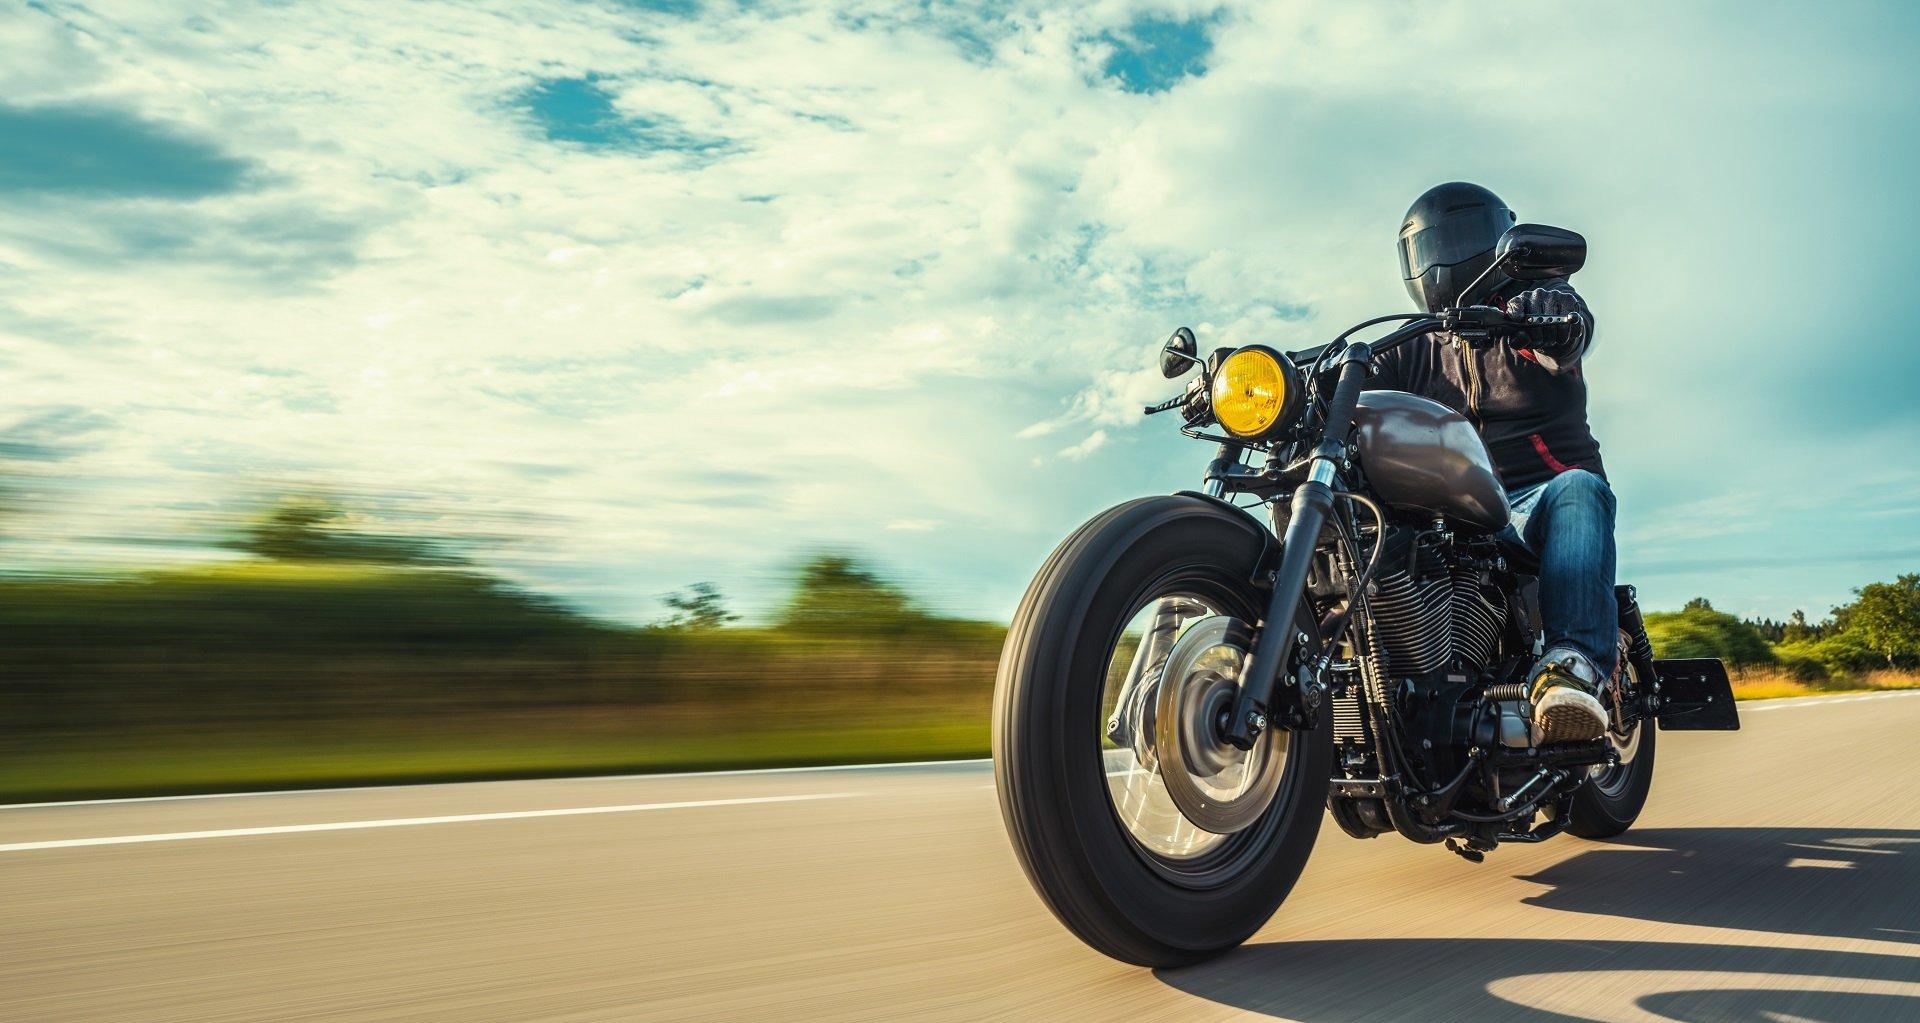 Motorrad fahren nach langer Pause